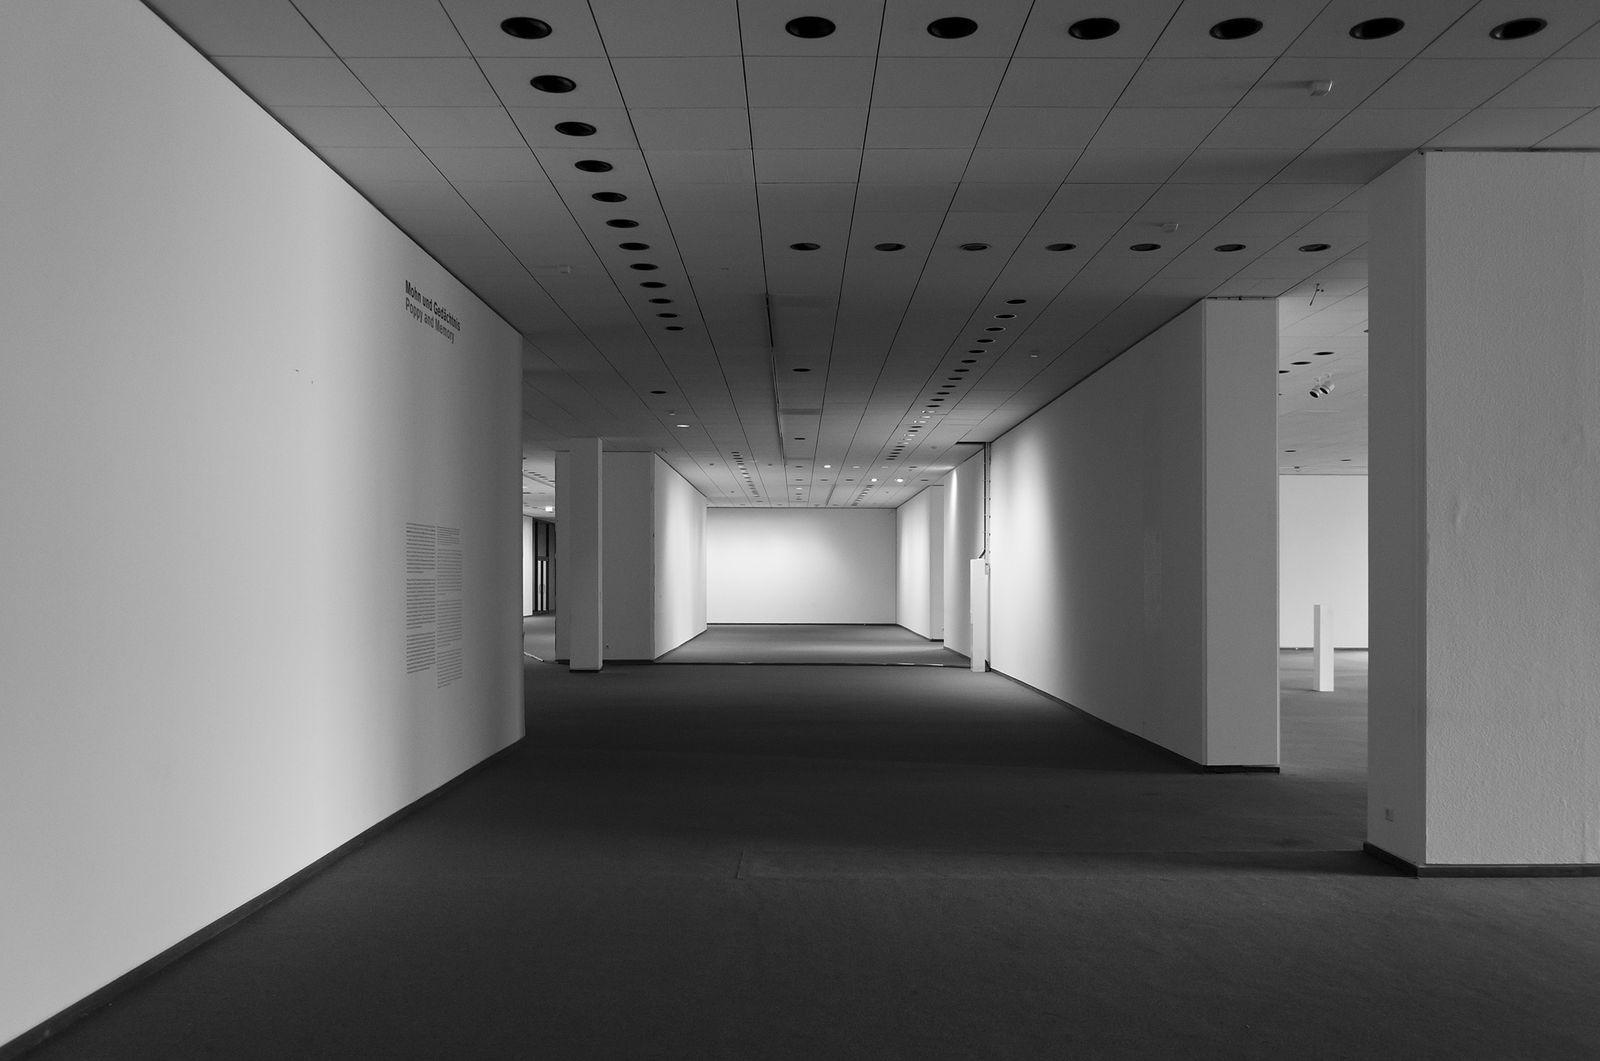 Ausstellungsräume im Untergeschoss